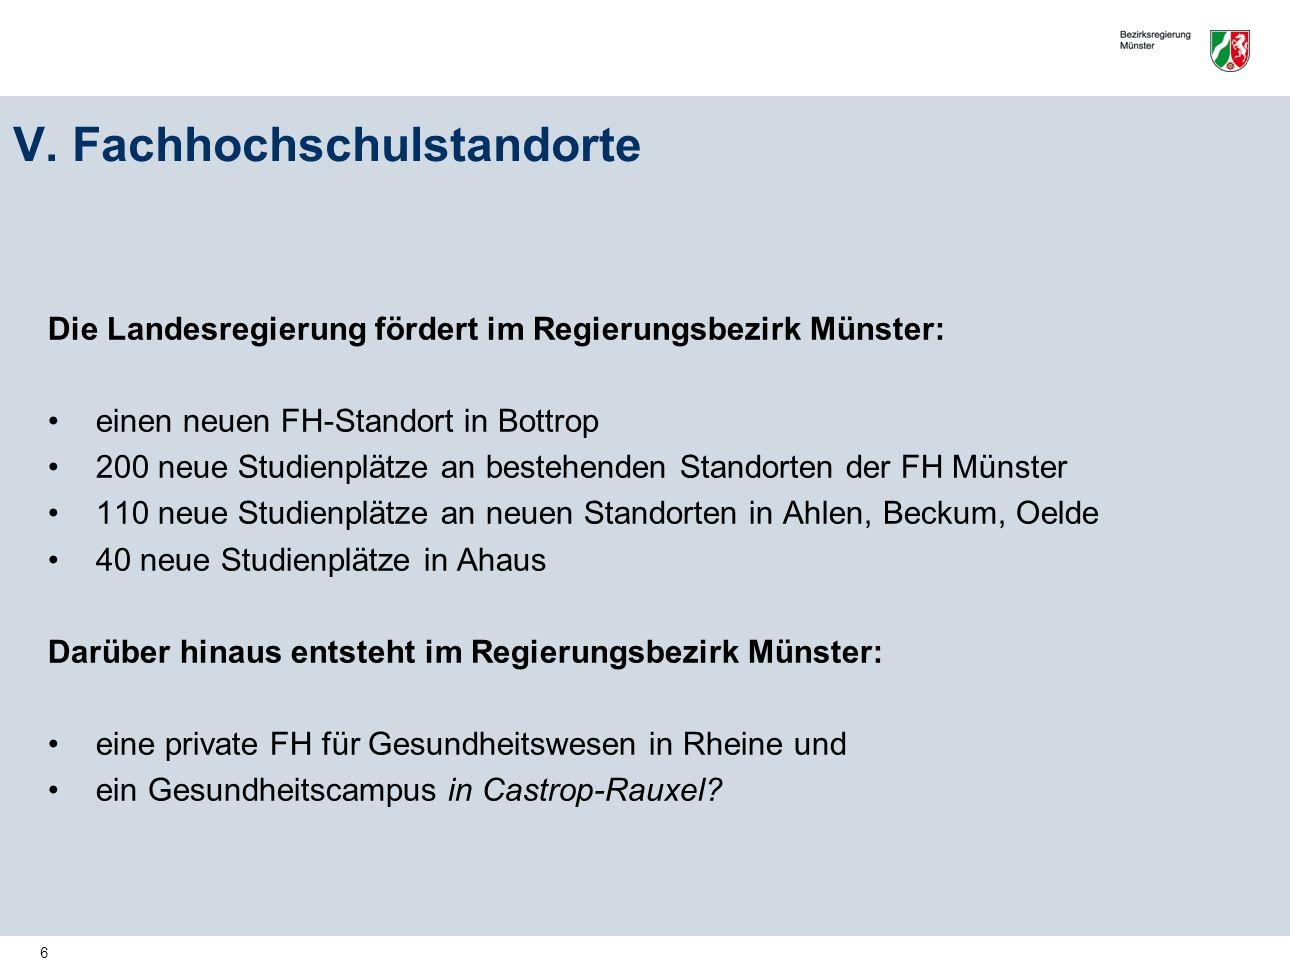 6 V. Fachhochschulstandorte Die Landesregierung fördert im Regierungsbezirk Münster: einen neuen FH-Standort in Bottrop 200 neue Studienplätze an best